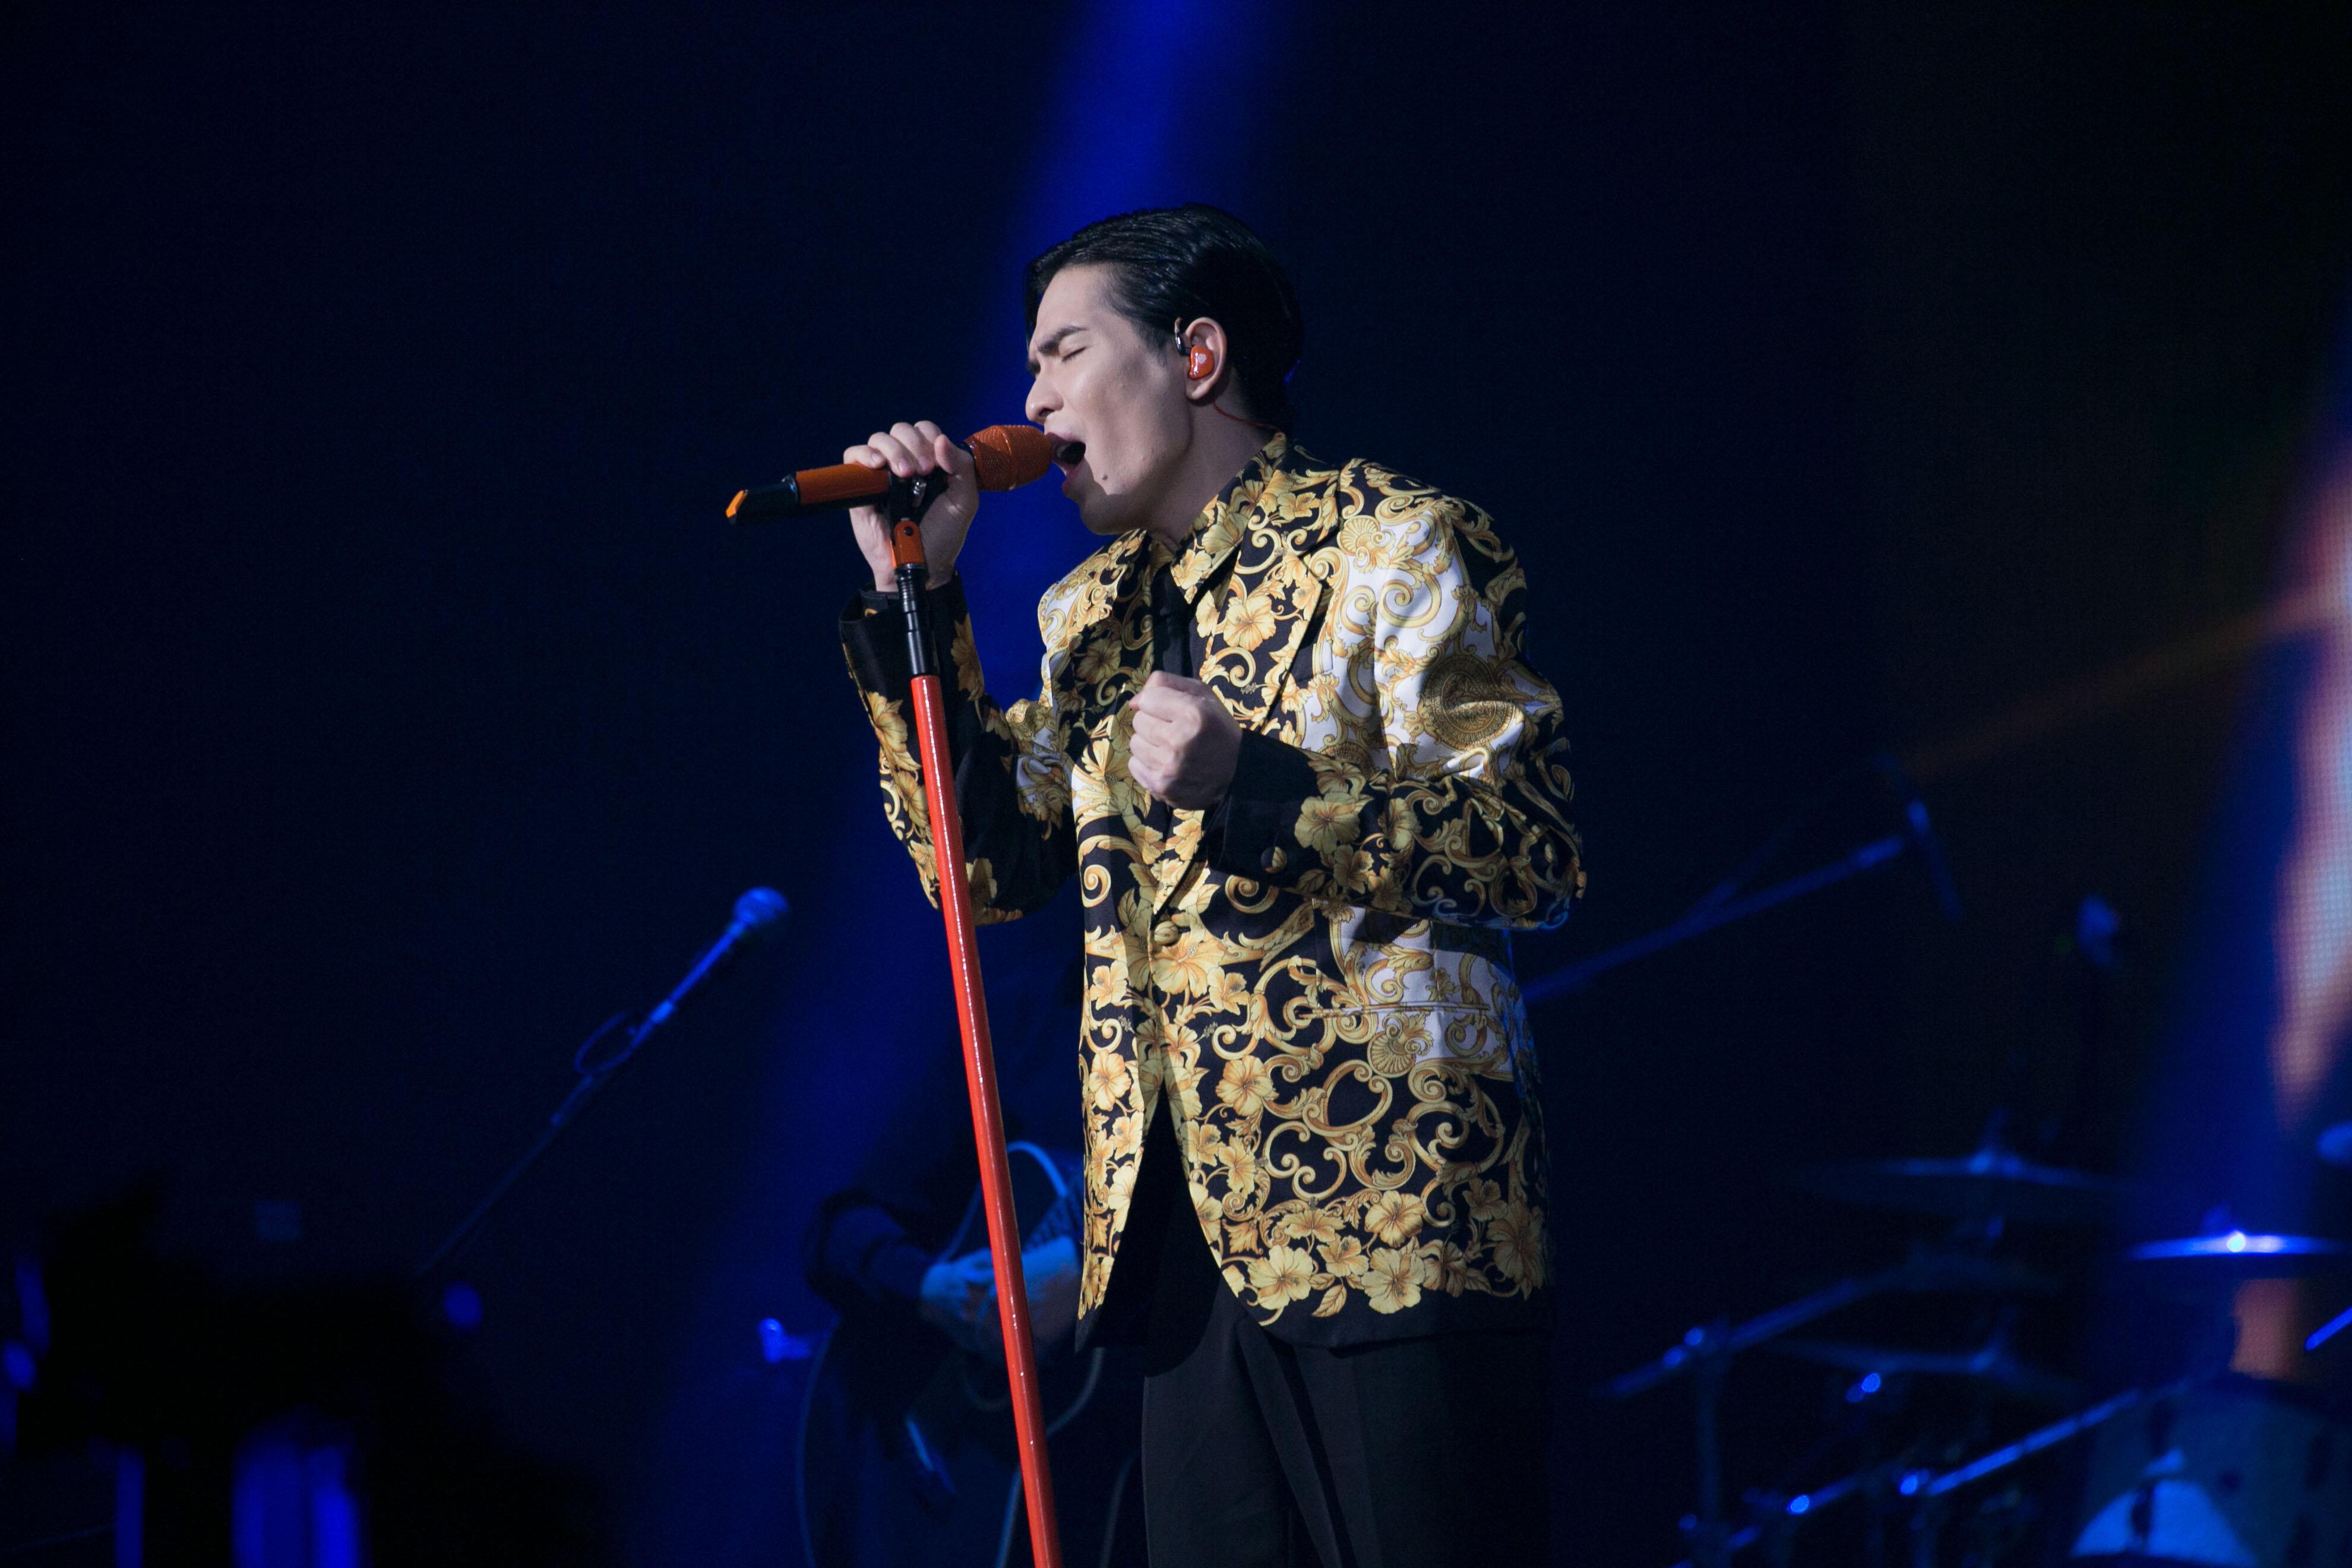 【精彩片段】年度風雲歌手 蕭敬騰 Jam Hsiao